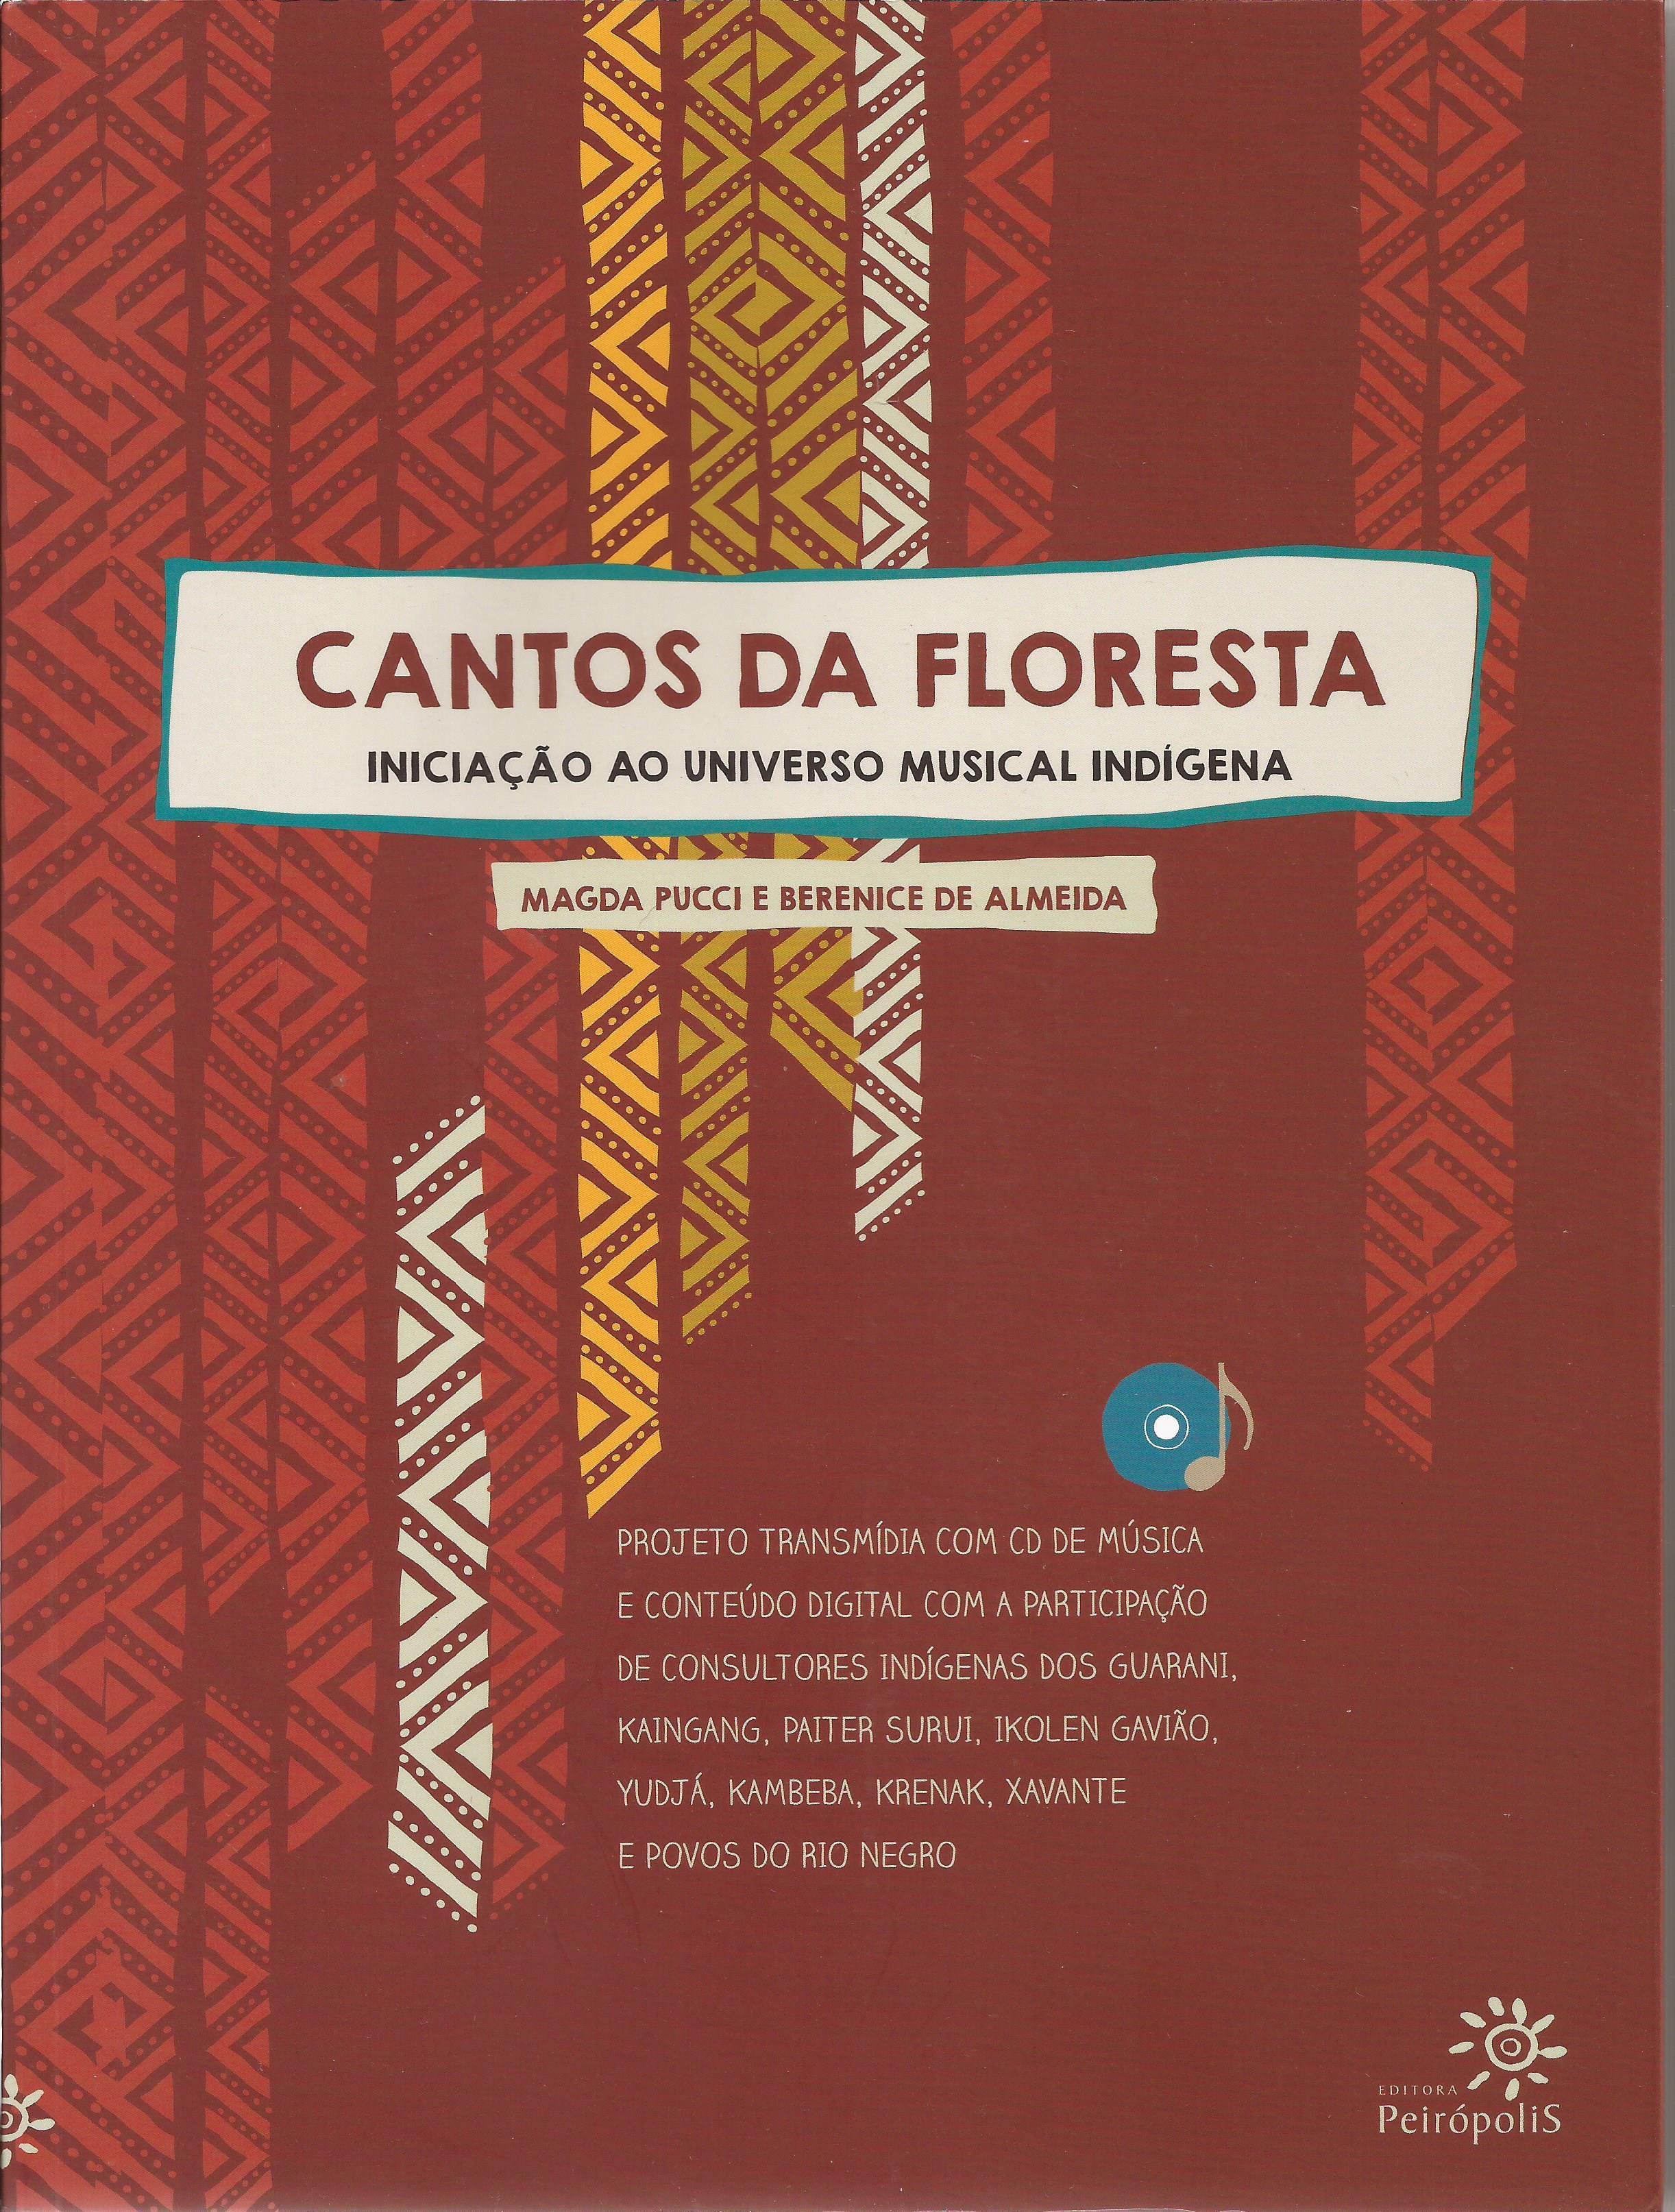 Cantos da Floresta – iniciação ao universo musical indígena